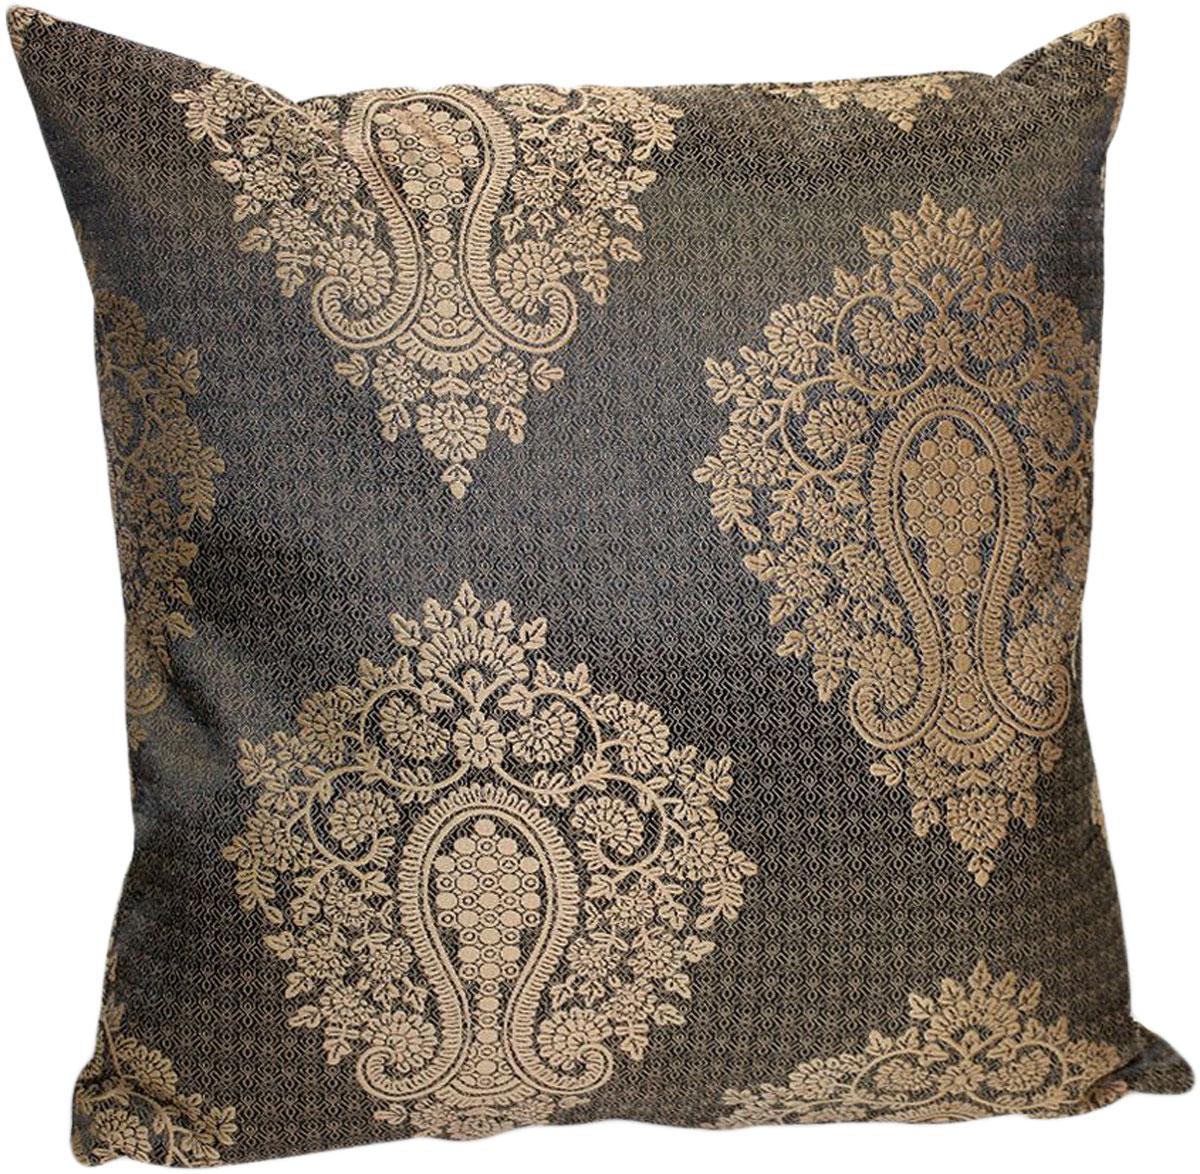 """Декоративная подушка """"Лорель"""" прекрасно дополнит интерьер спальни или гостиной. Чехол  подушки выполнен из жаккардовой ткани. Внутри находится мягкий наполнитель. Чехол легко снимается  благодаря потайной молнии."""